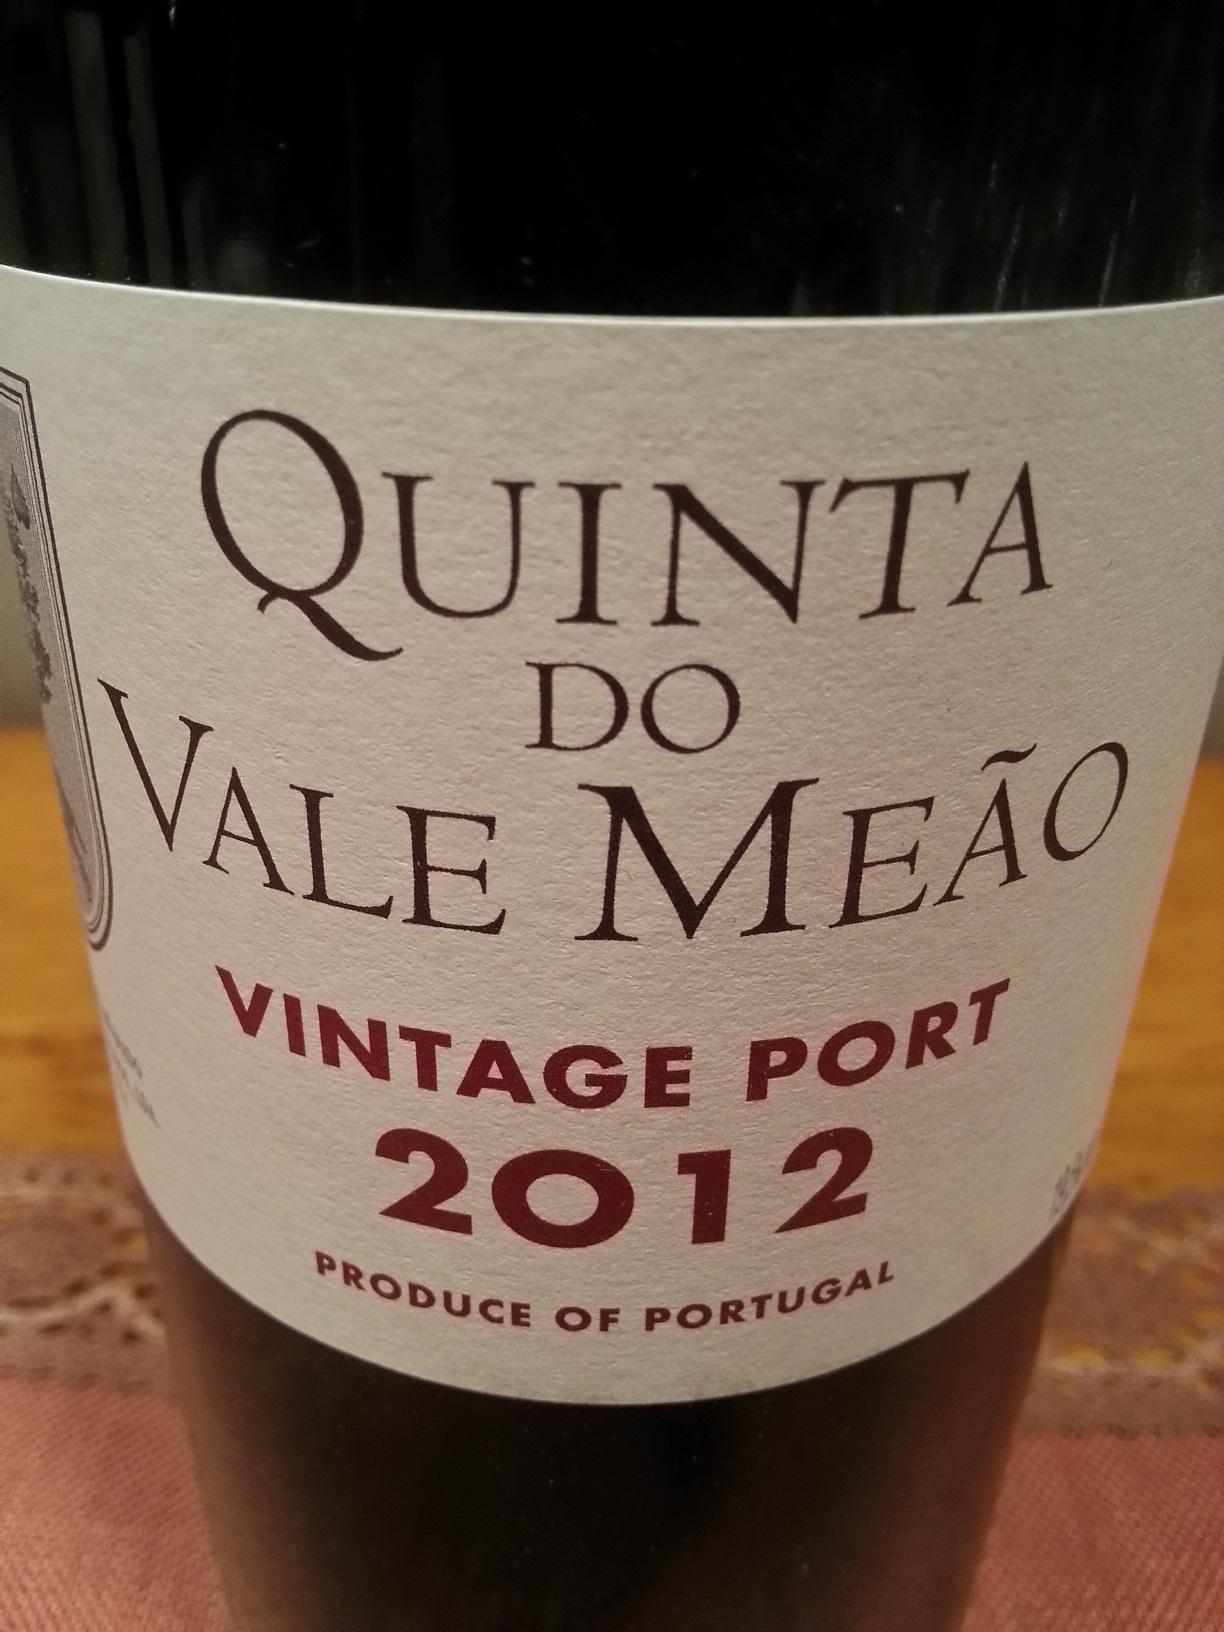 2012 Vintage Port | Quinta do Vale Meão